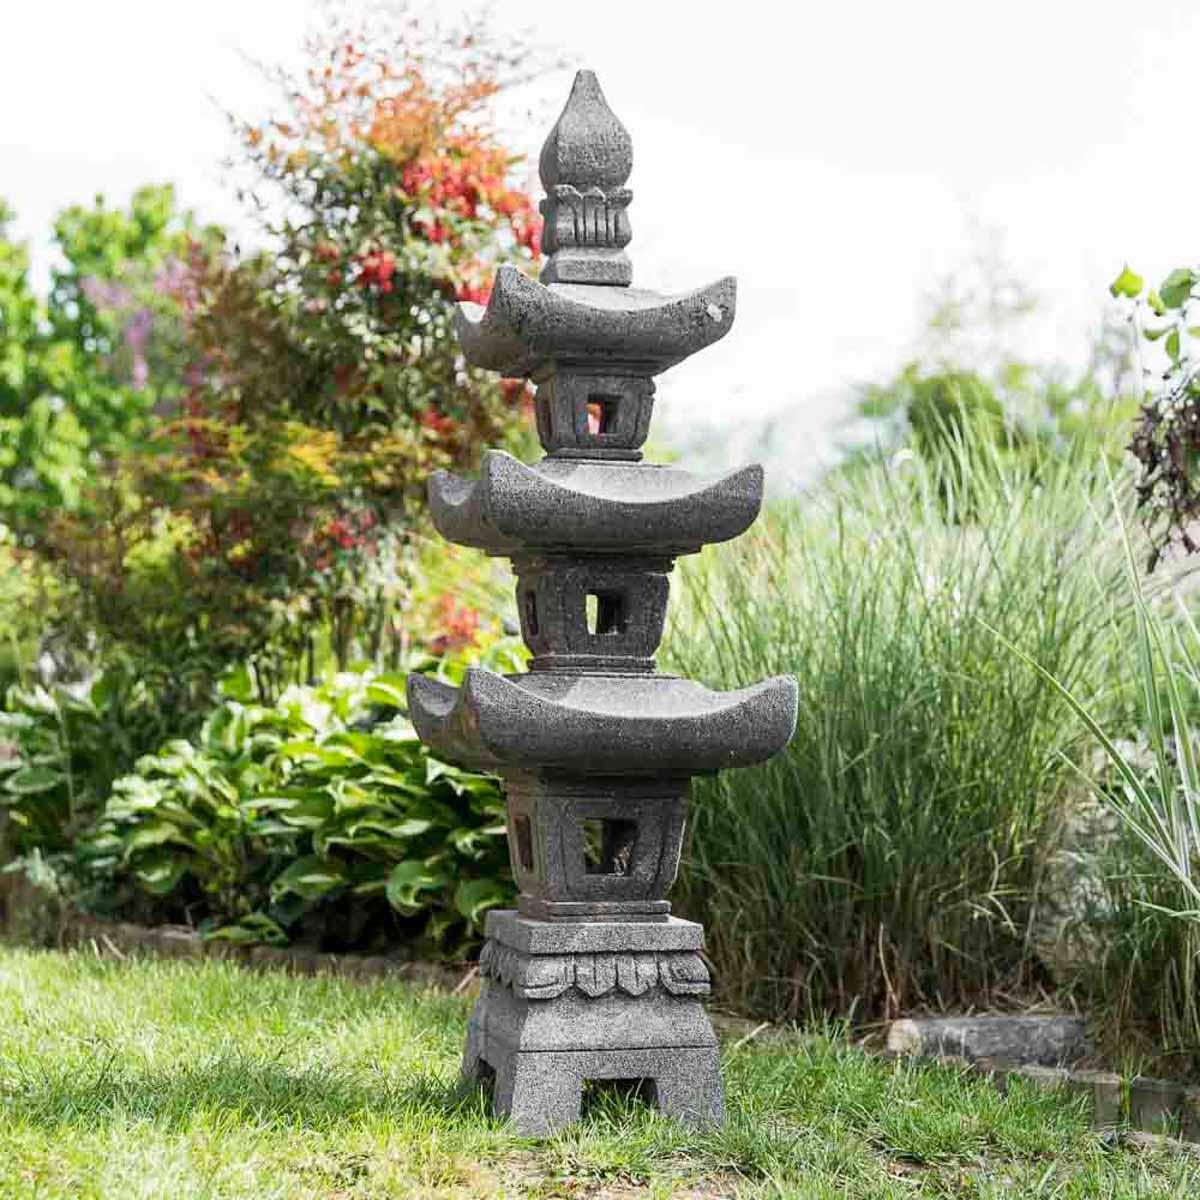 Wanda Collection Lanterne japonaise pagode en pierre de lave 1.10 m